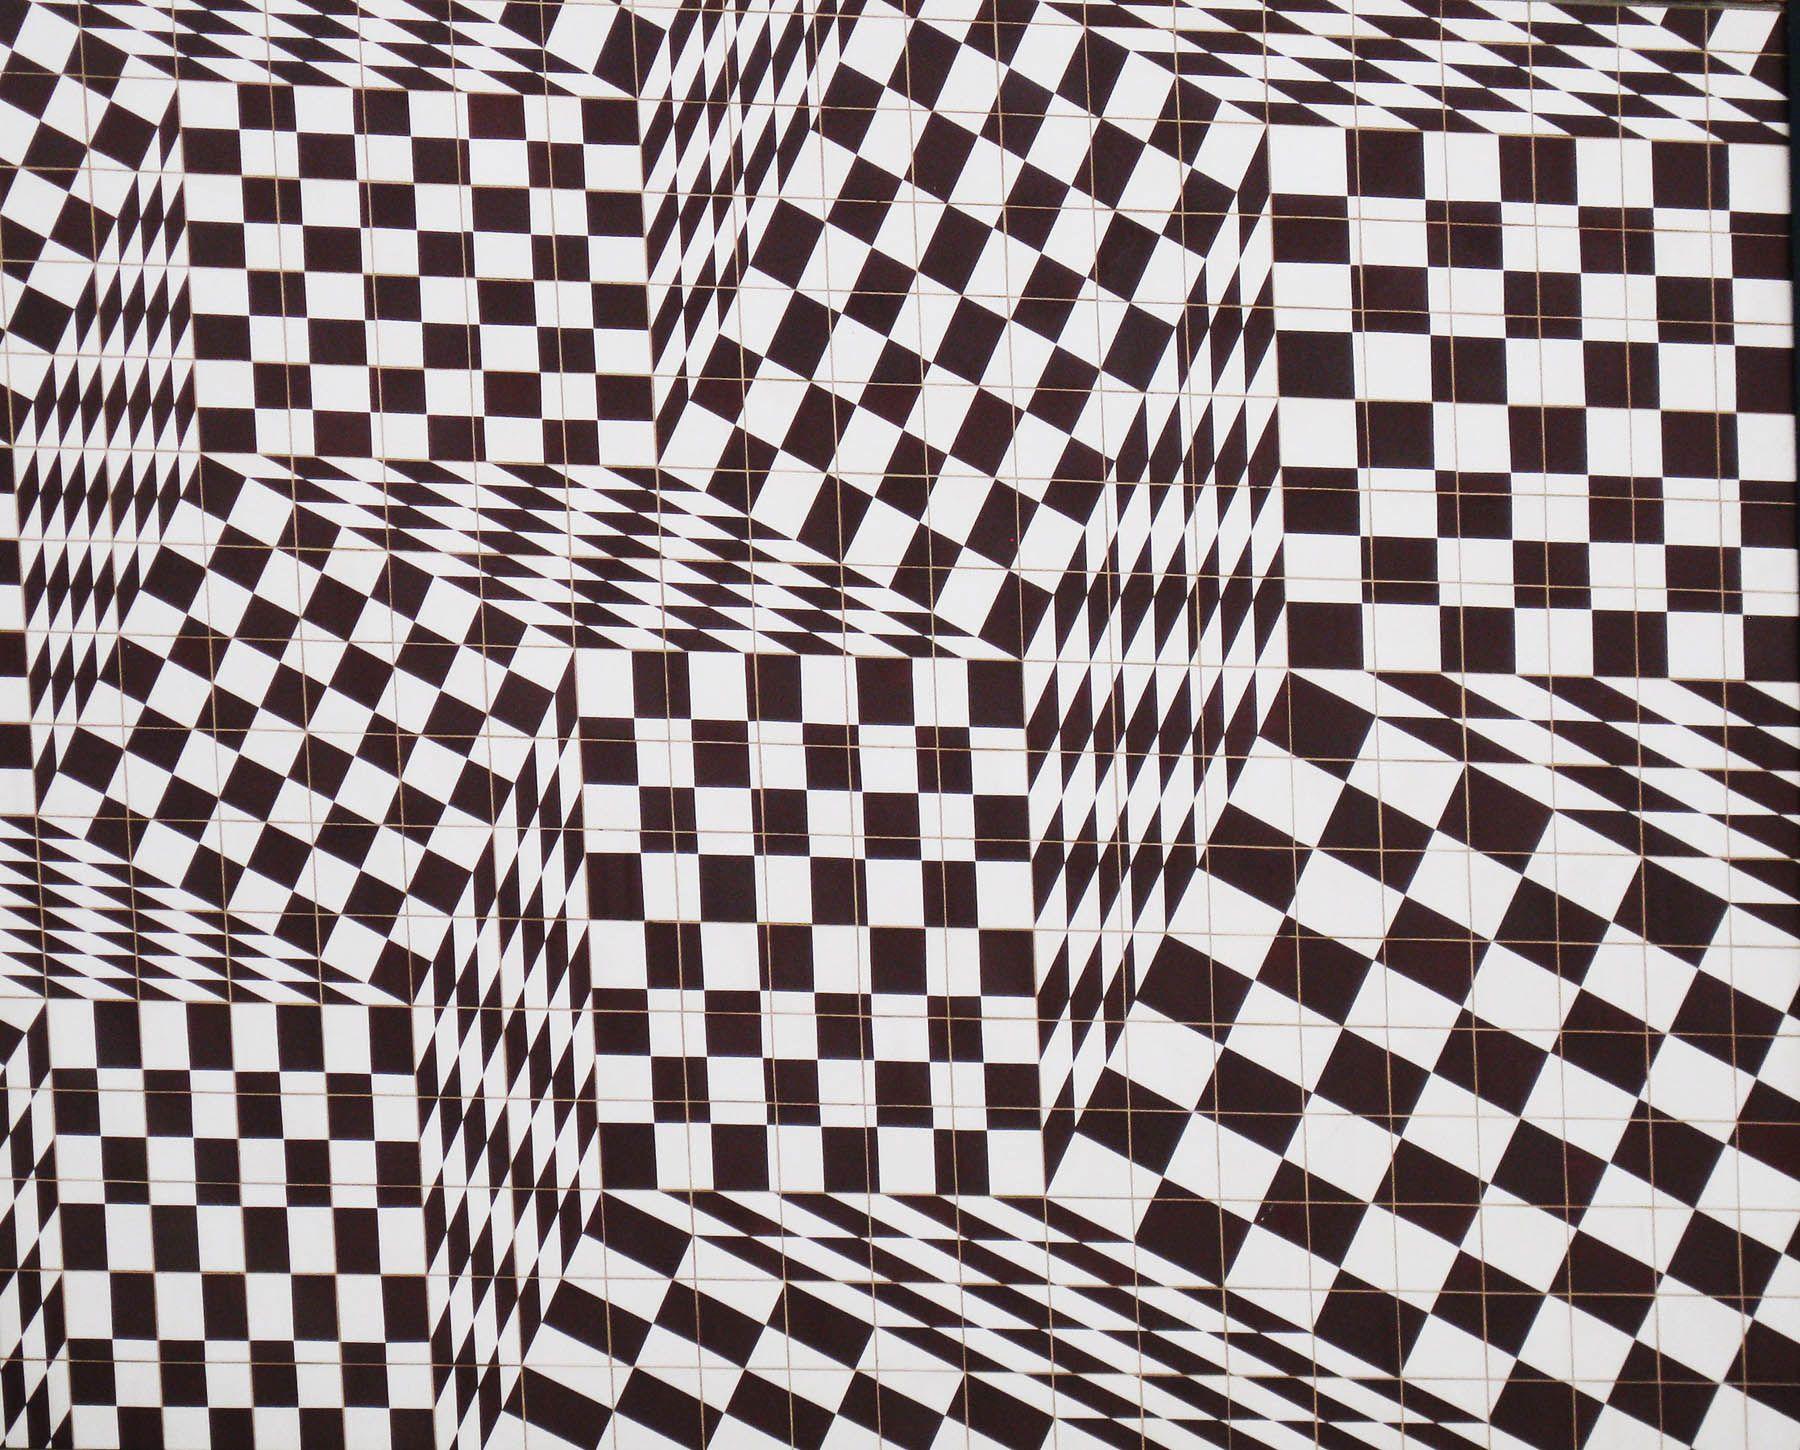 optische t uschungen illusionen obtischeteuschungen pinterest illusionen. Black Bedroom Furniture Sets. Home Design Ideas